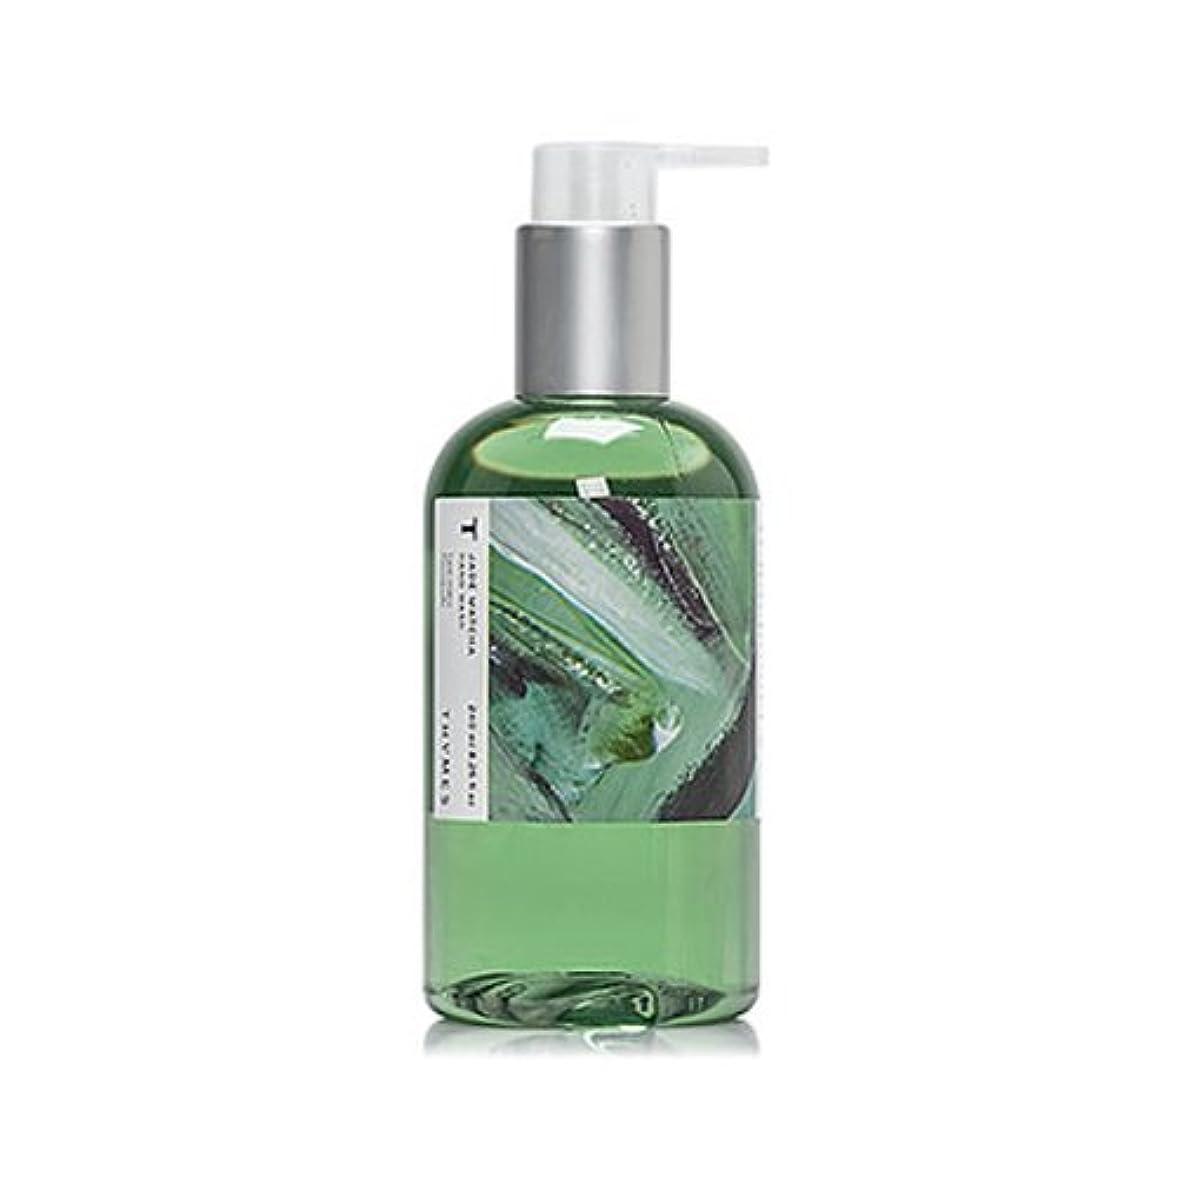 恐ろしい好きシアーTHYMES タイムズ ハンドウォッシュ 240ml ジェイド抹茶 Hand Wash 8.25 fl oz Jade Matcha [並行輸入品]